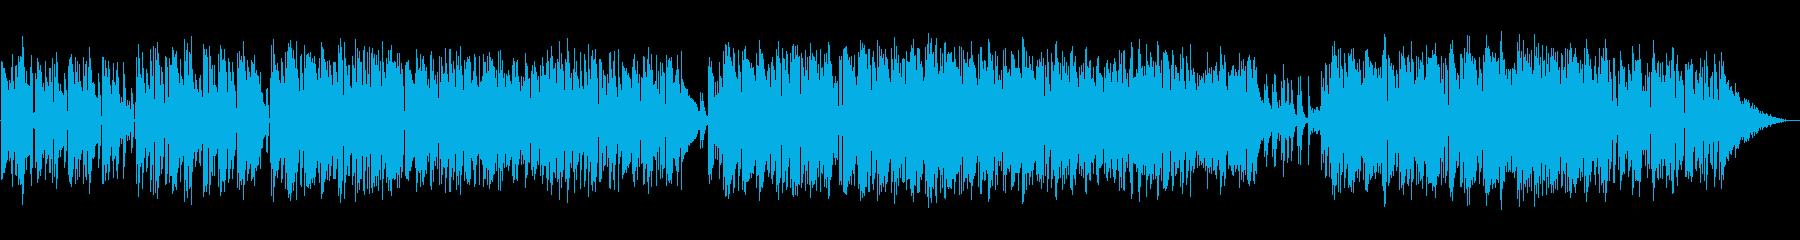 ゆったりとしたボサノバの再生済みの波形